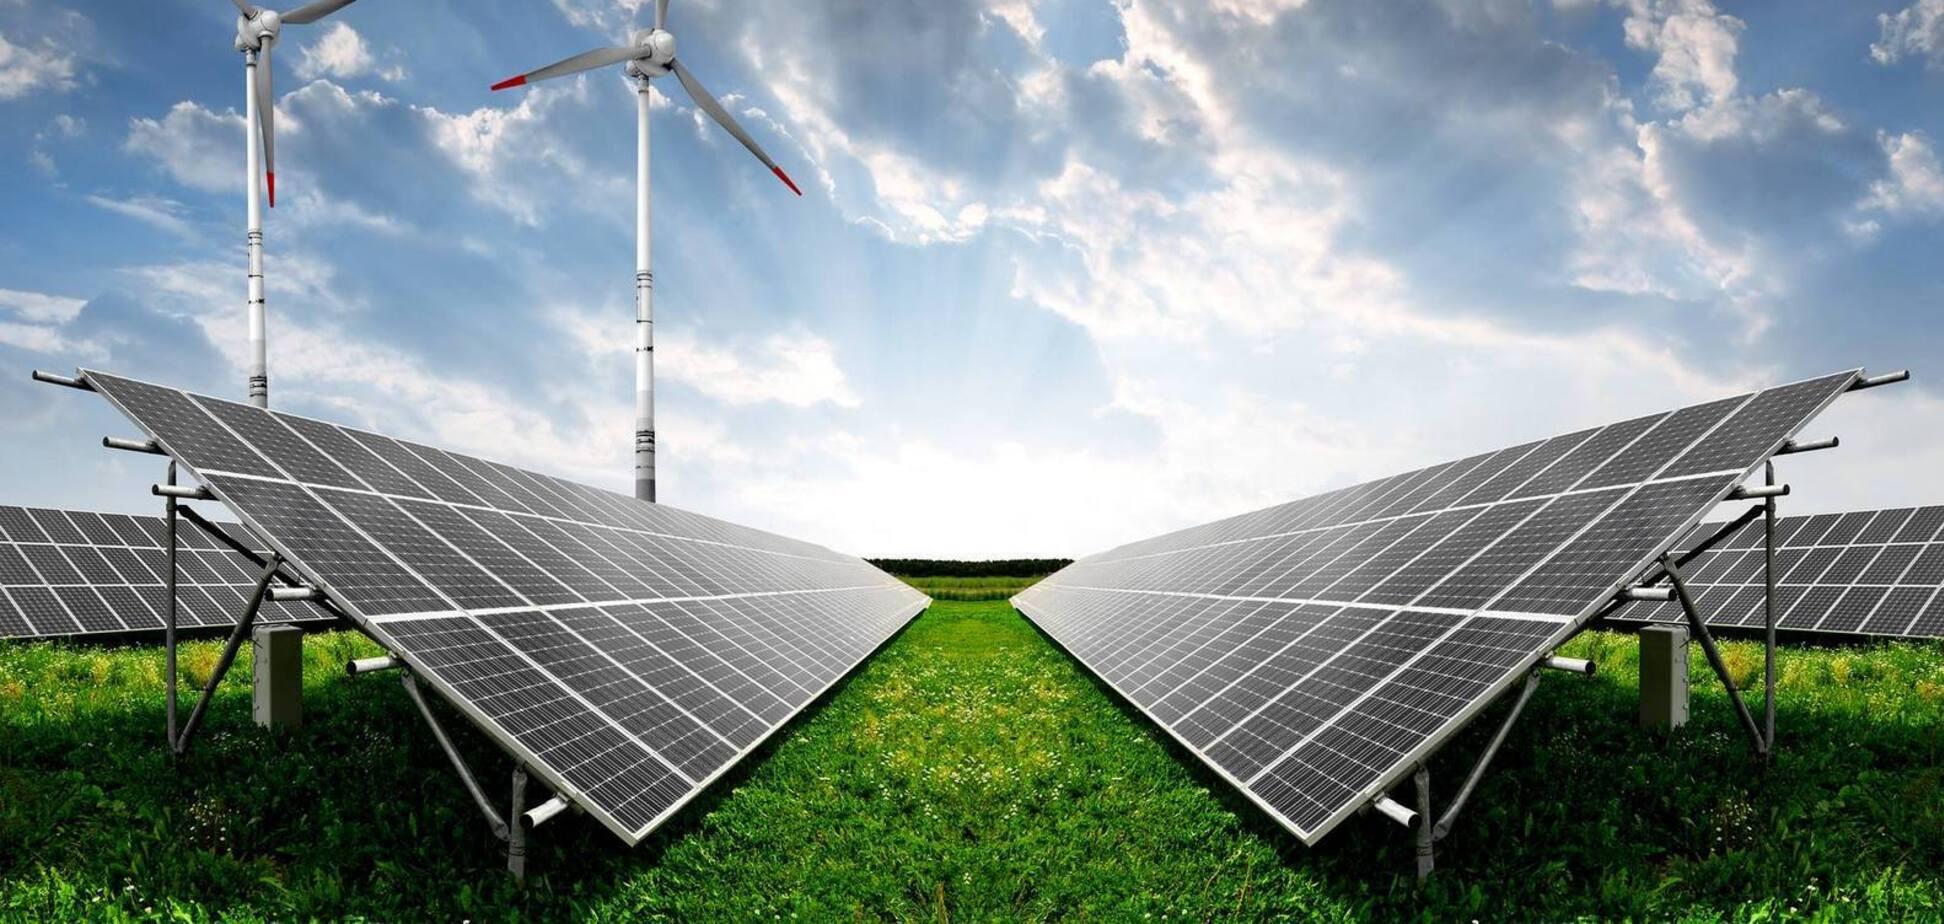 Зелена енергетика в Україні опинилася під загрозою